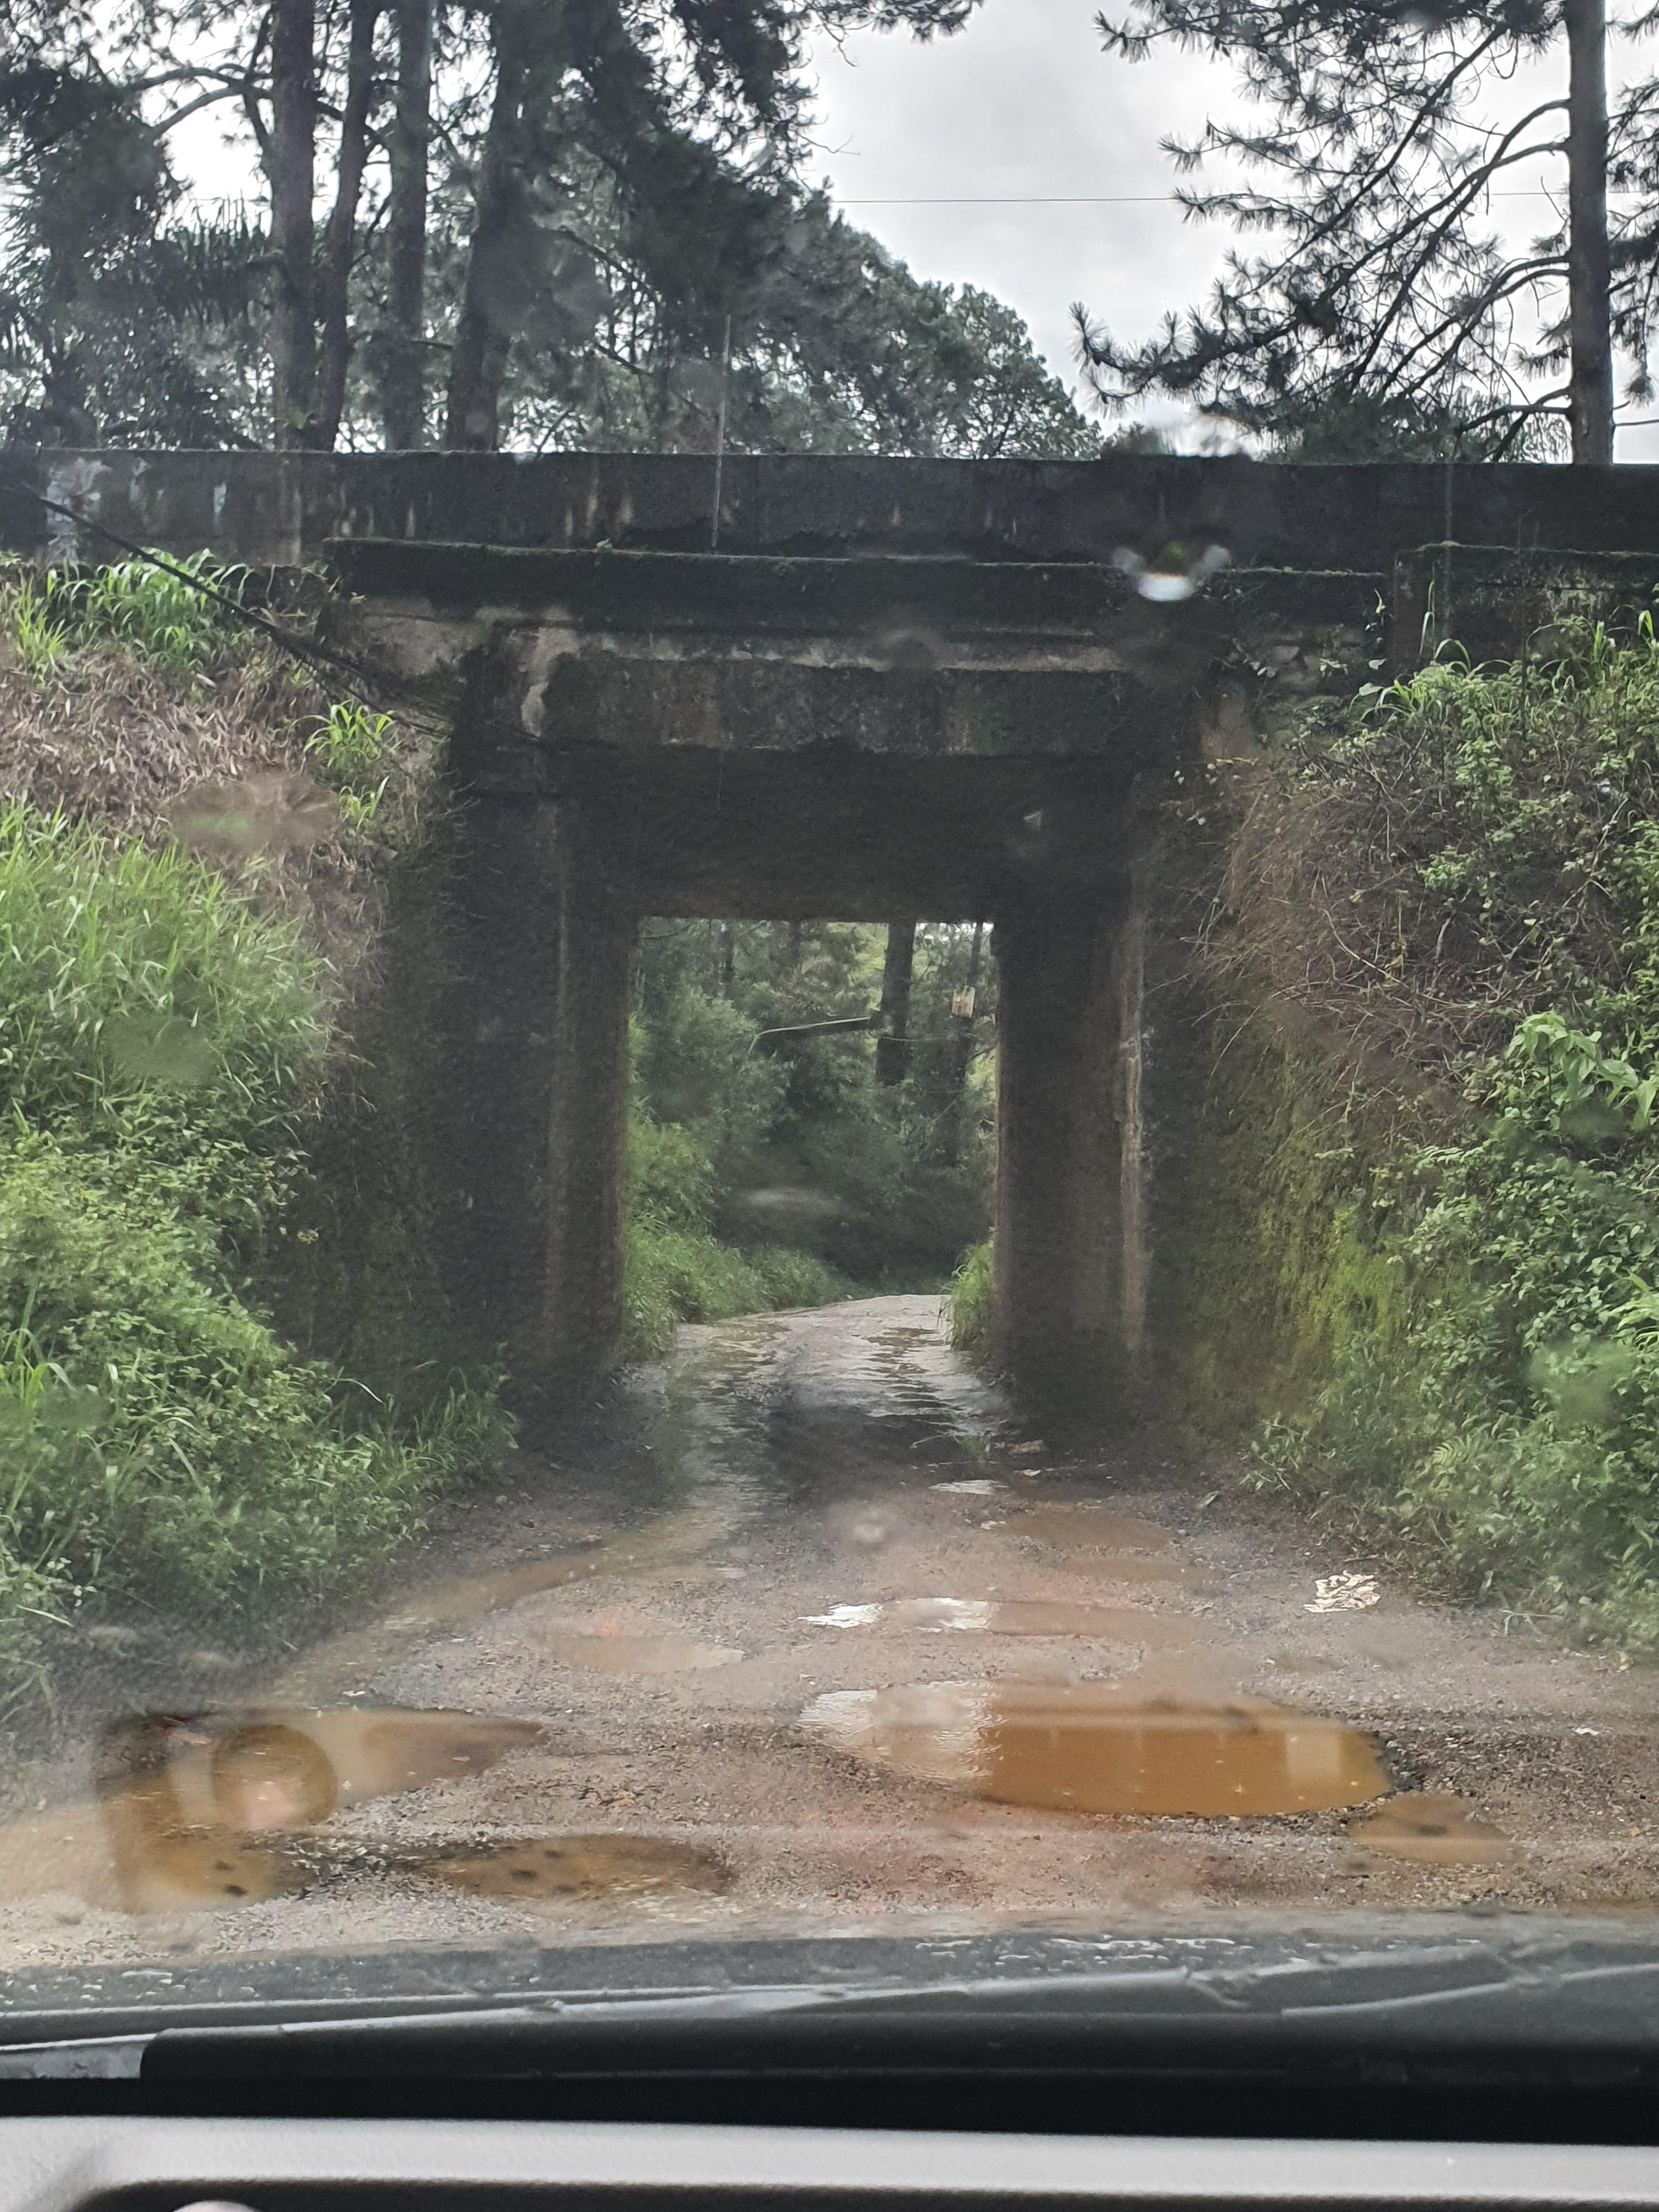 Imagem mostra a estrada que leva até a Cachoeira: terra e muitos buracos